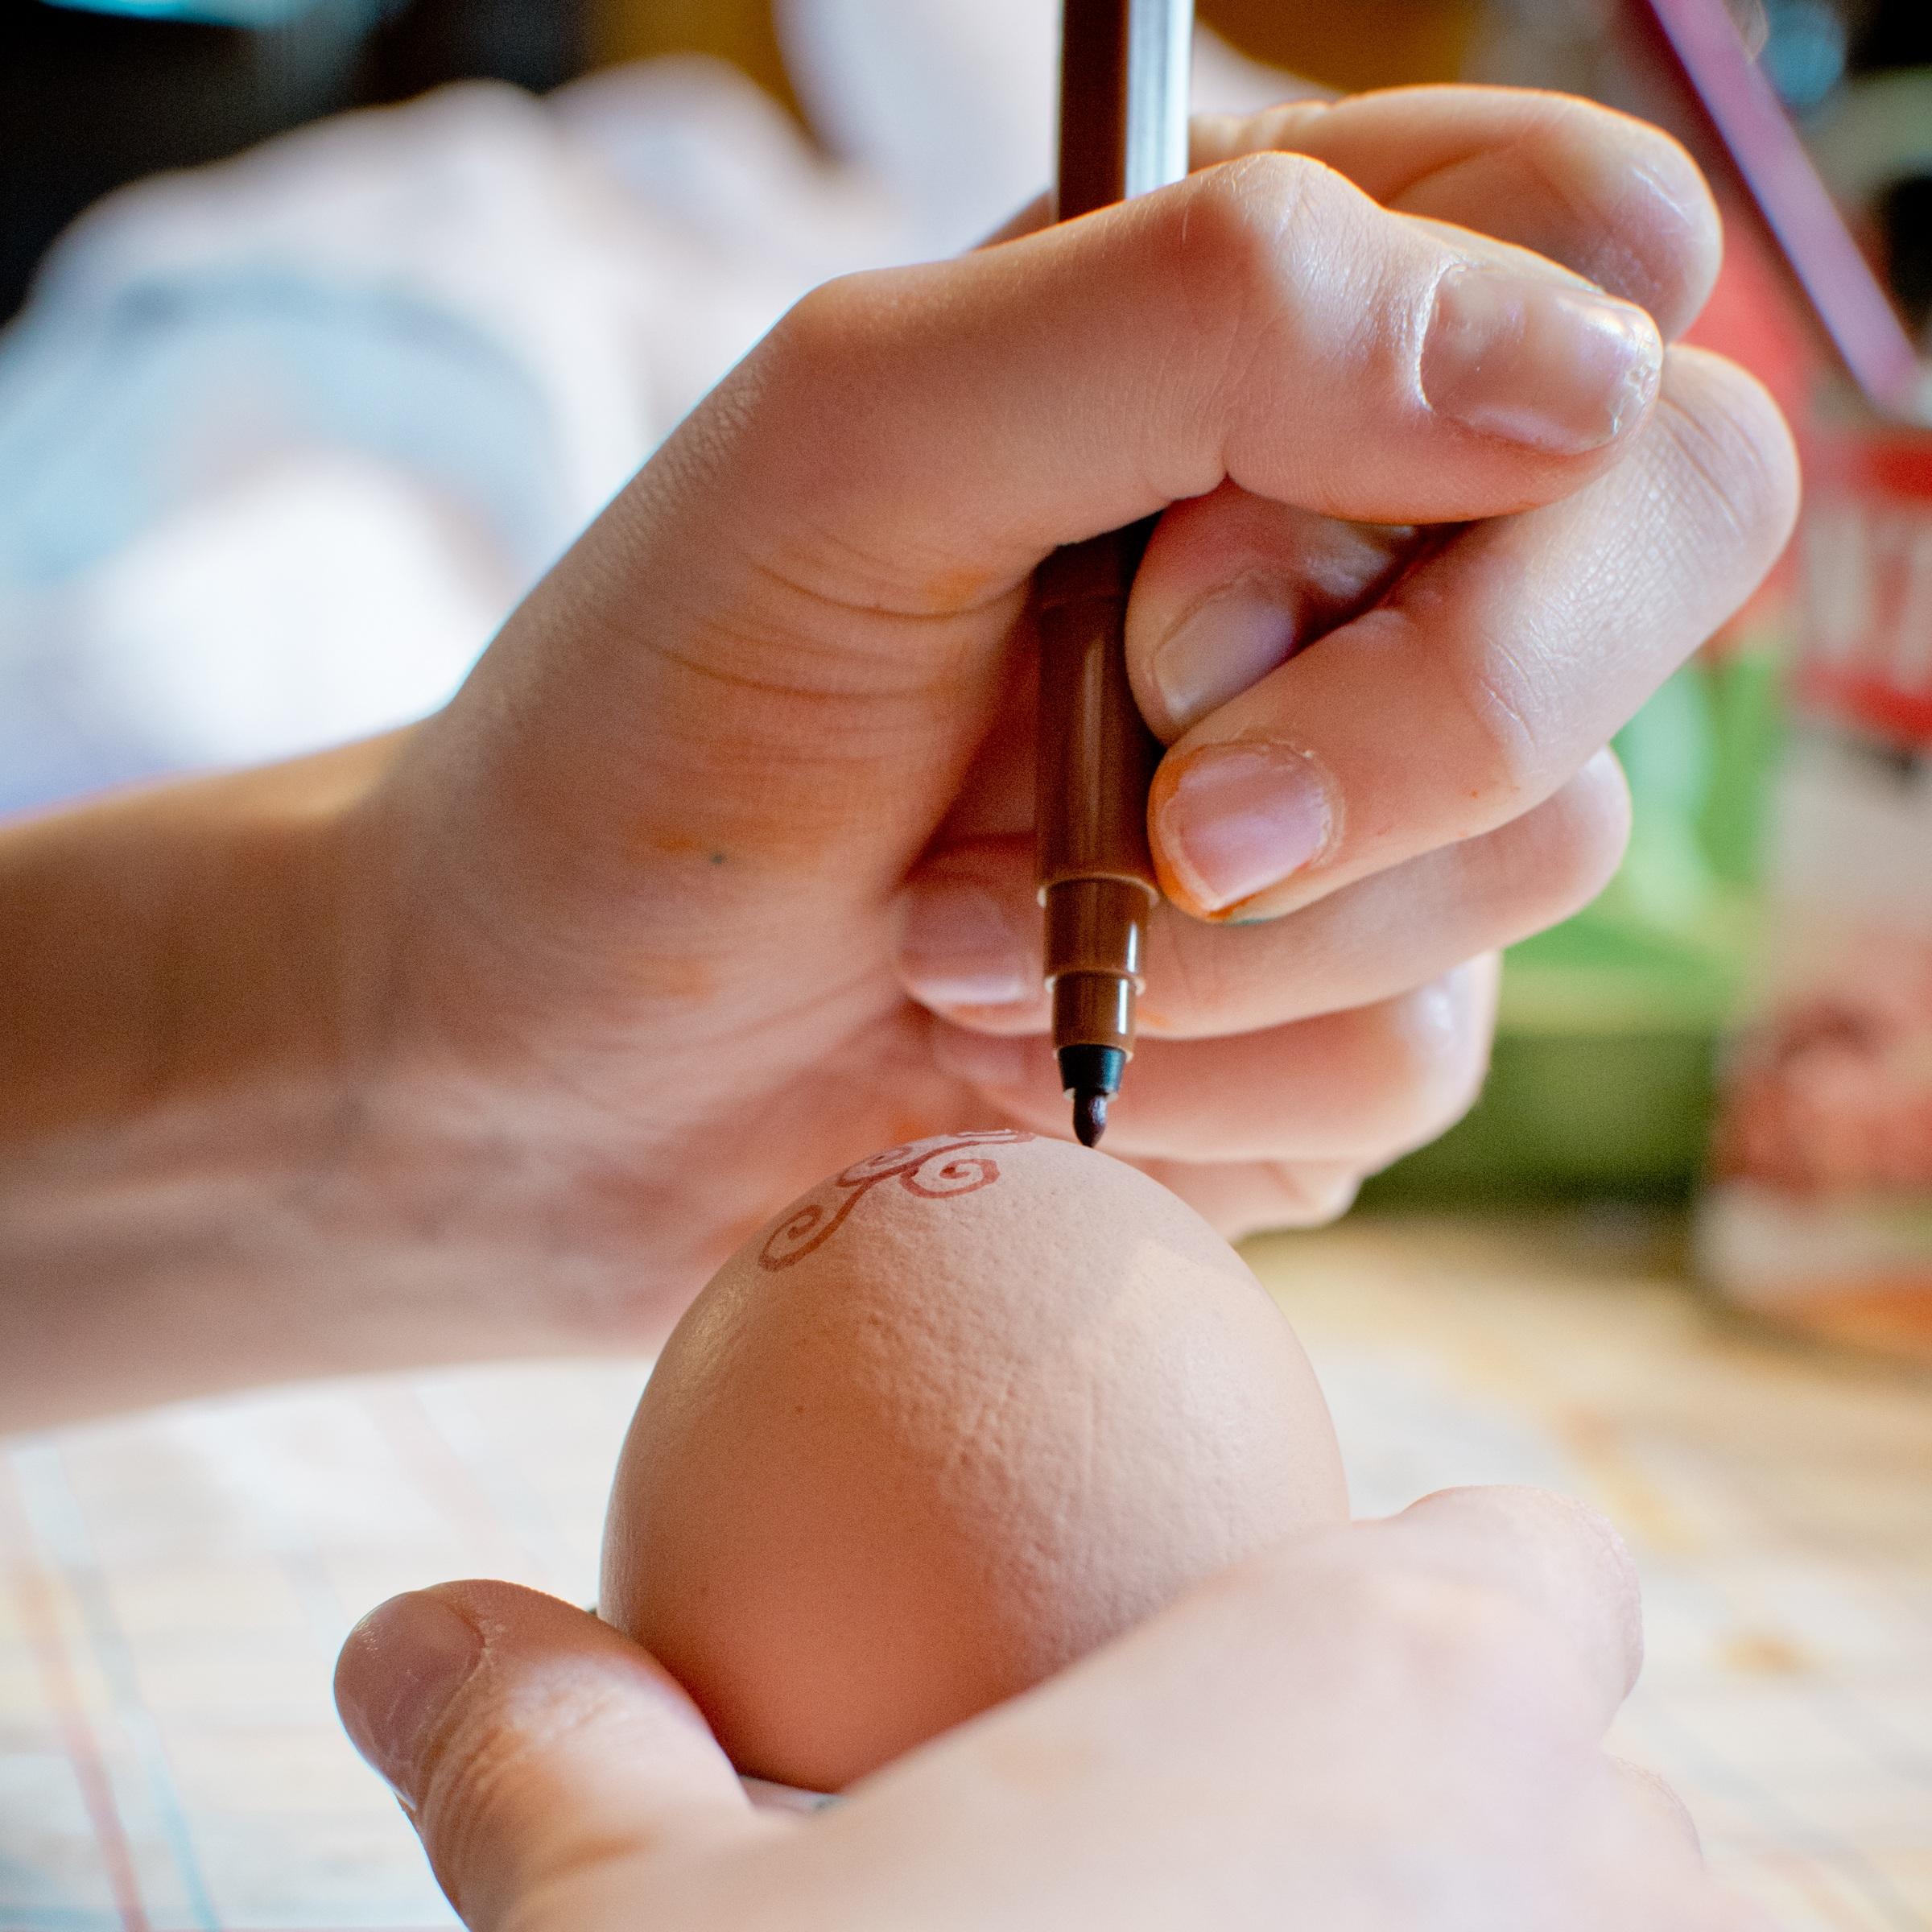 Fotos gratis : mano, bolígrafo, pierna, decoración, dedo, niño ...